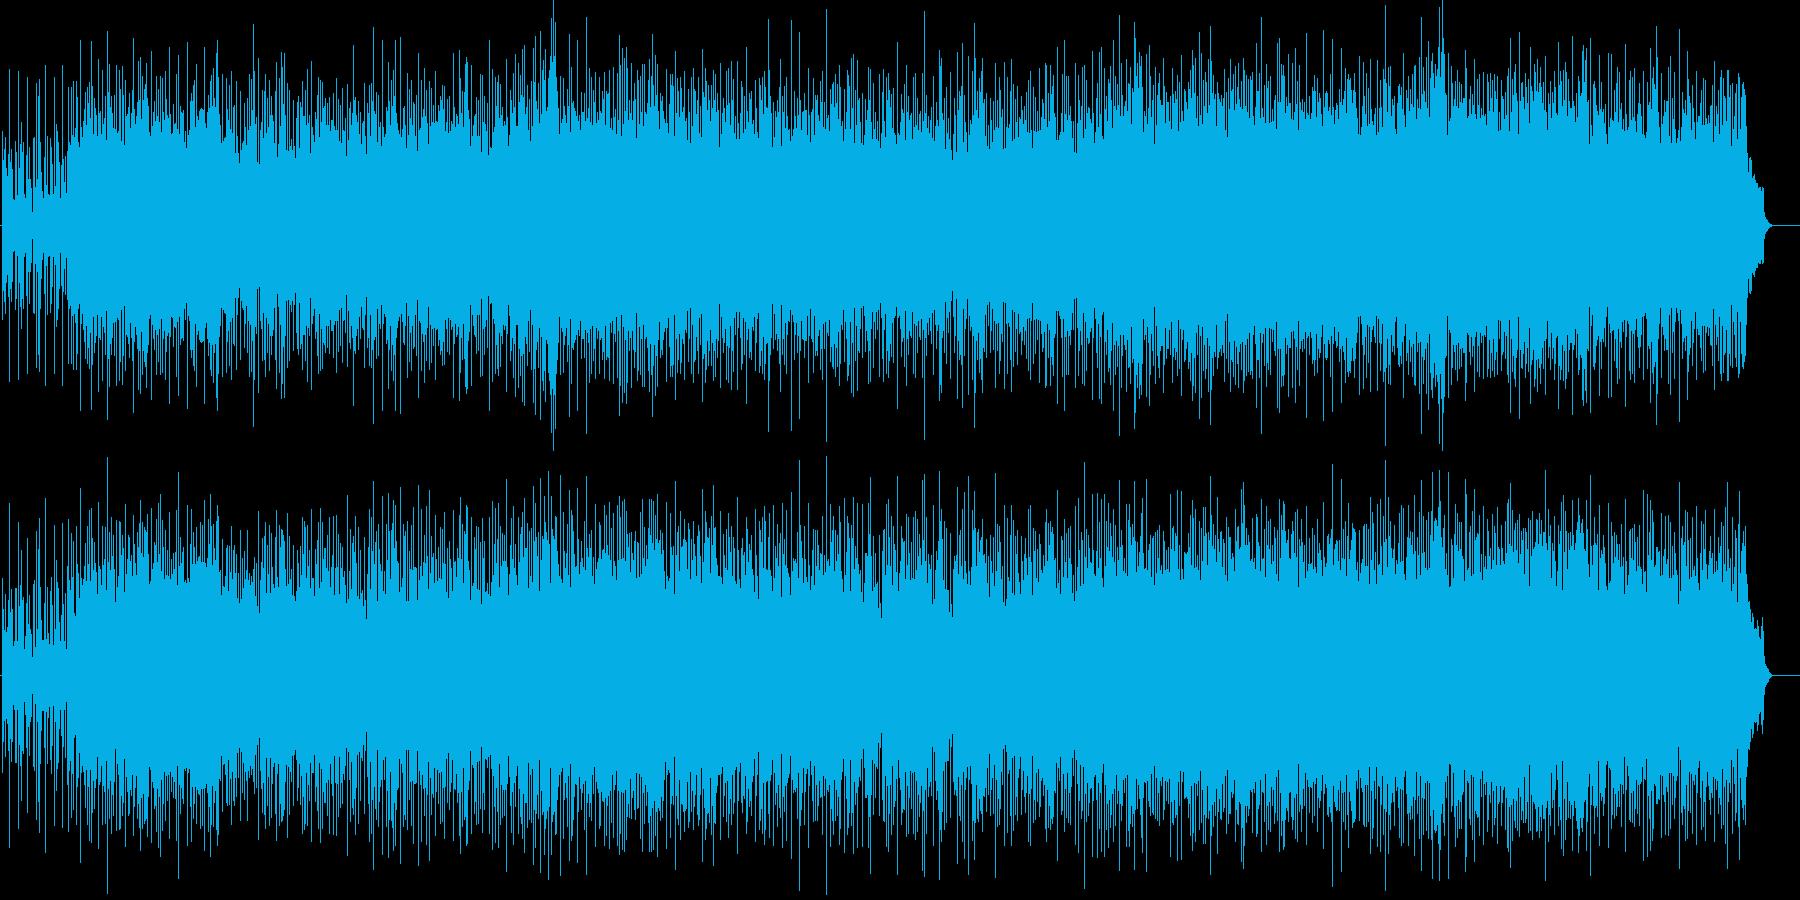 バラエティ番組タイトルBGMの再生済みの波形